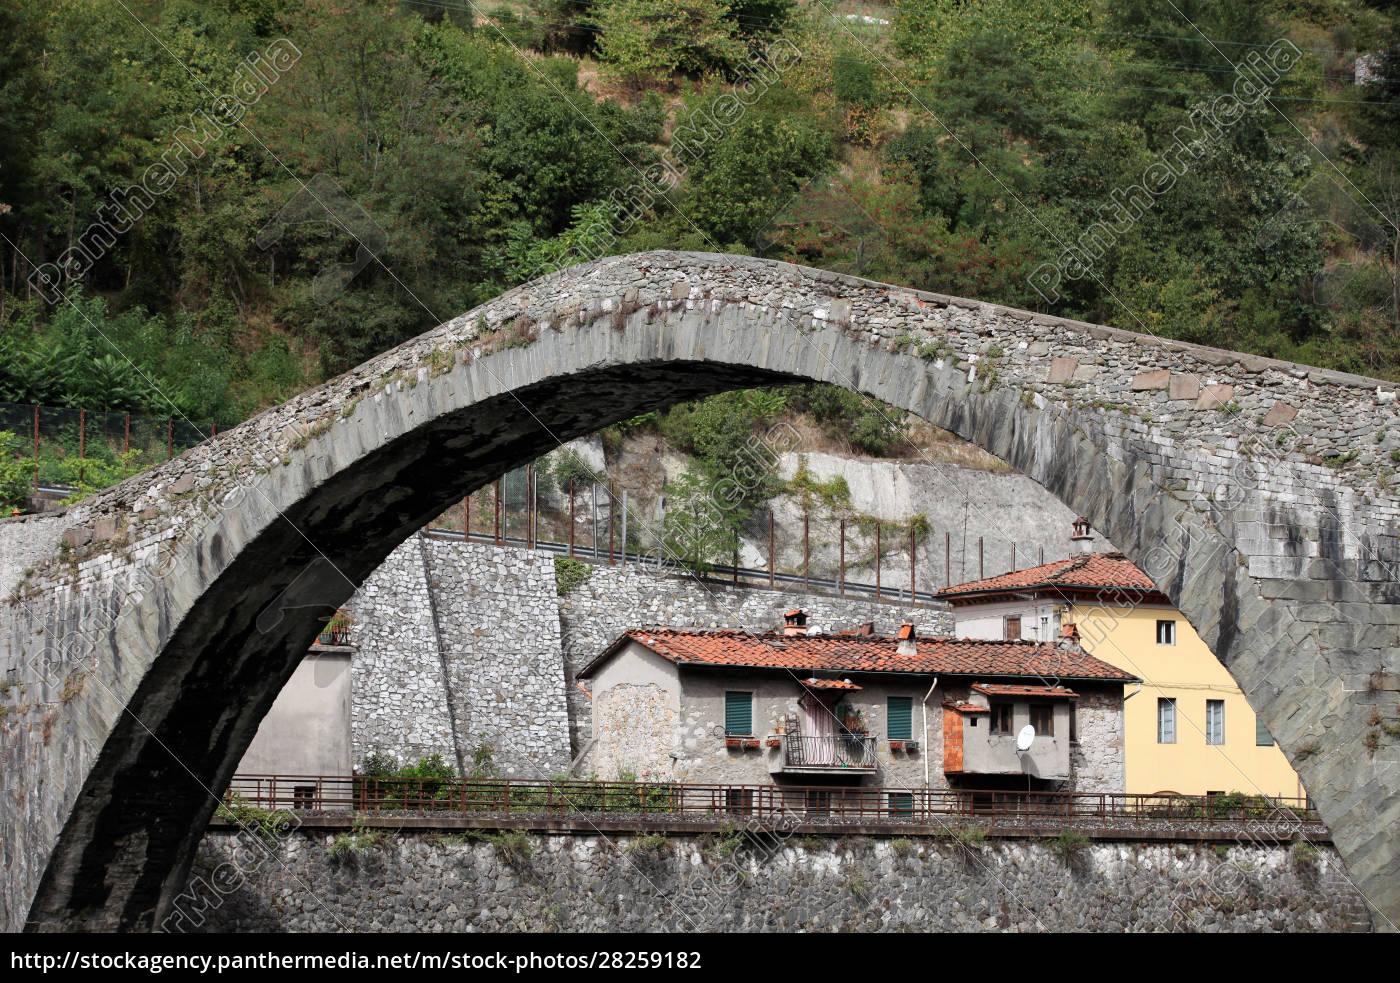 ponte, della, maddalena, across, the, serchio. - 28259182